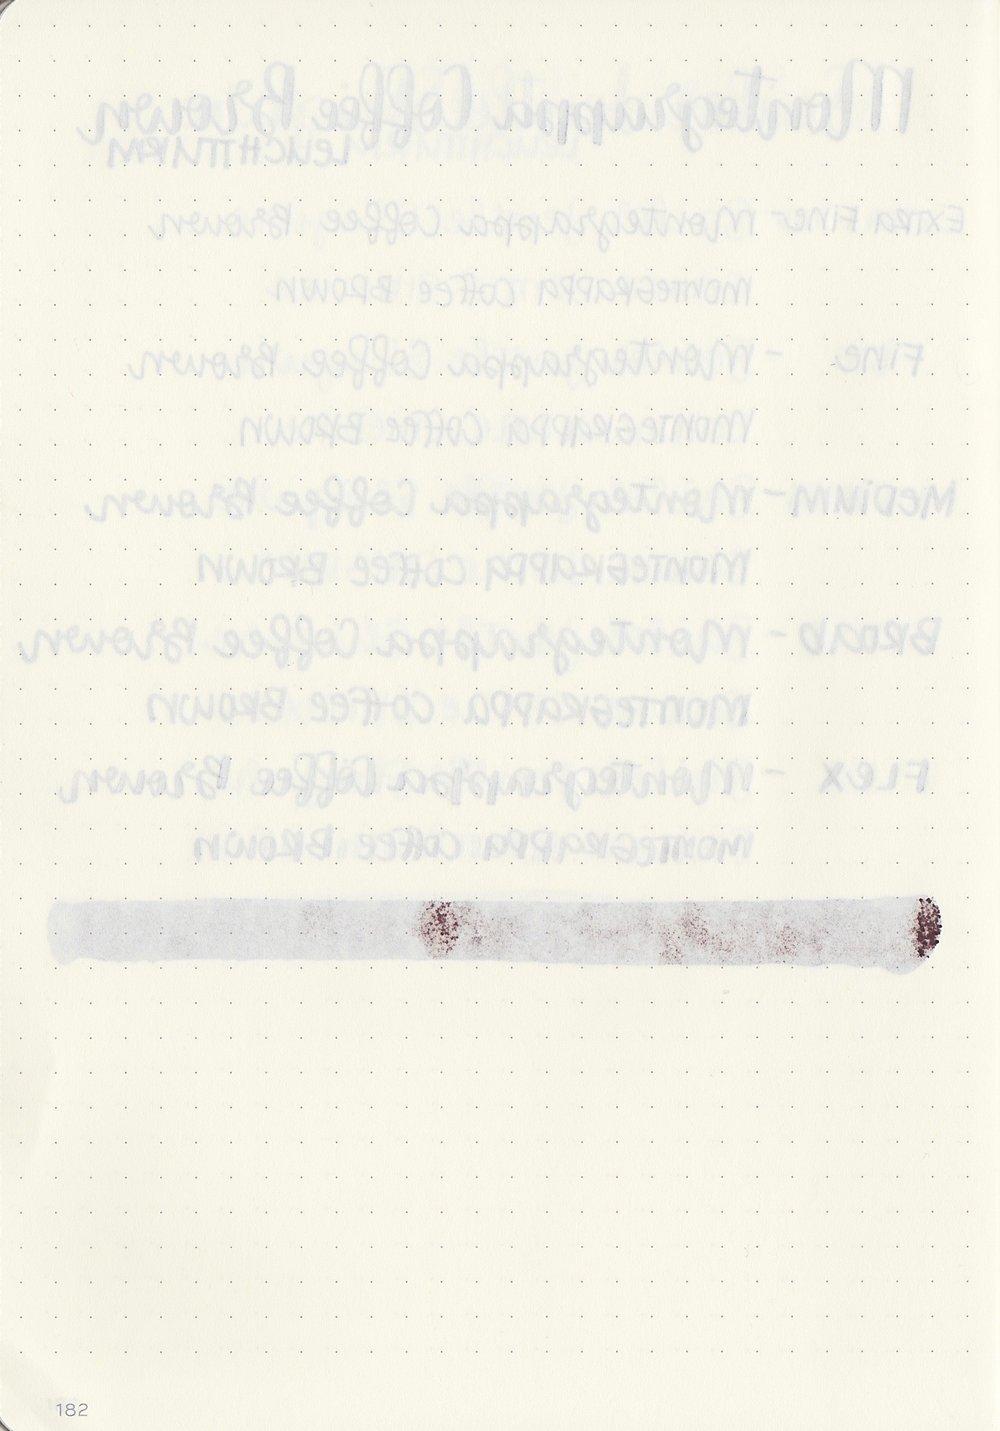 MCoffeeBrown - 11.jpg